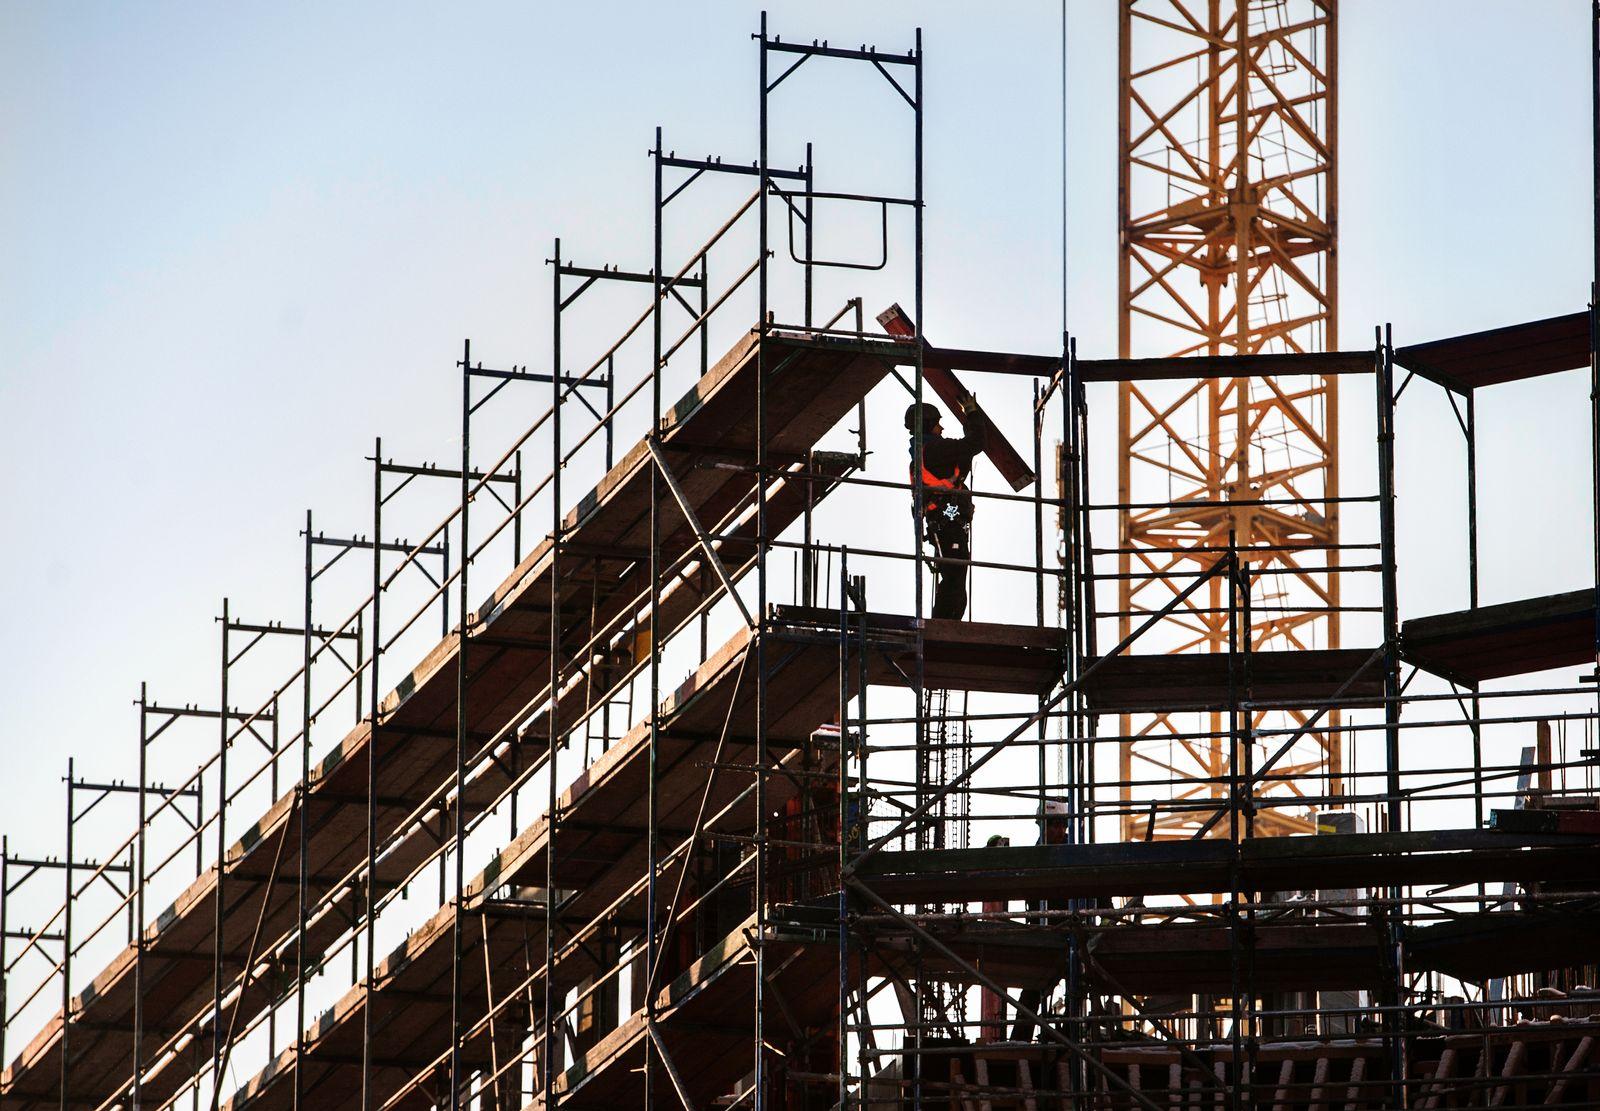 Bauarbeiter / Wirtschaft / Konjunktur / Eurozone / Deutschland